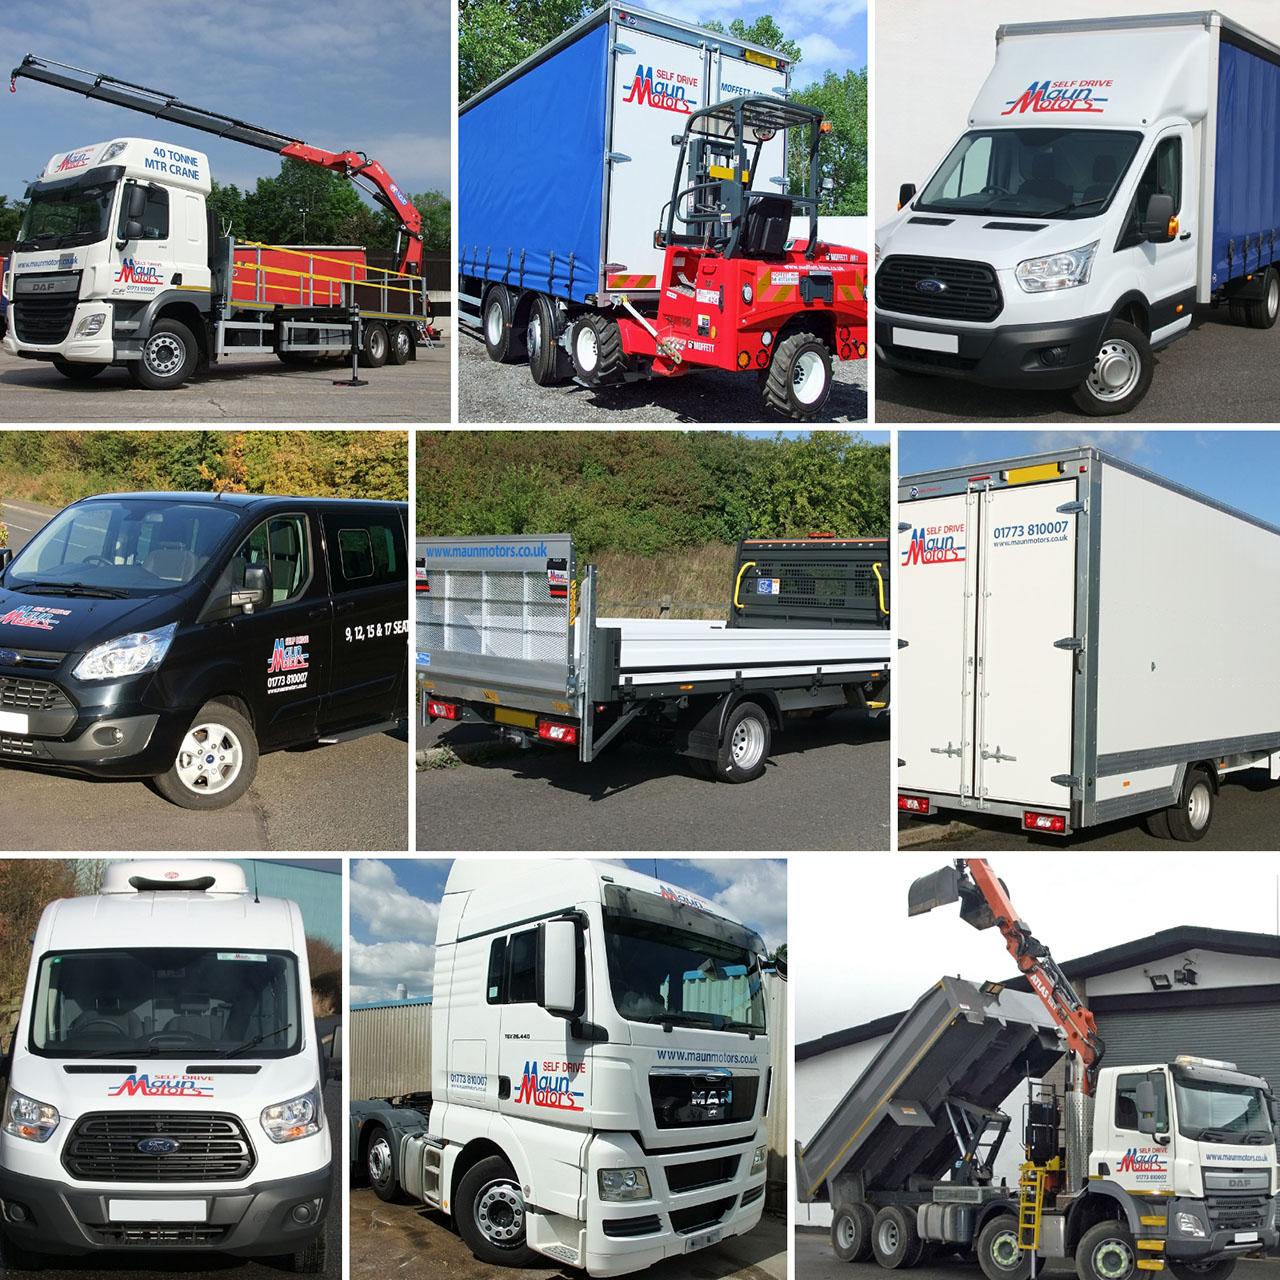 About Maun Motors - Company